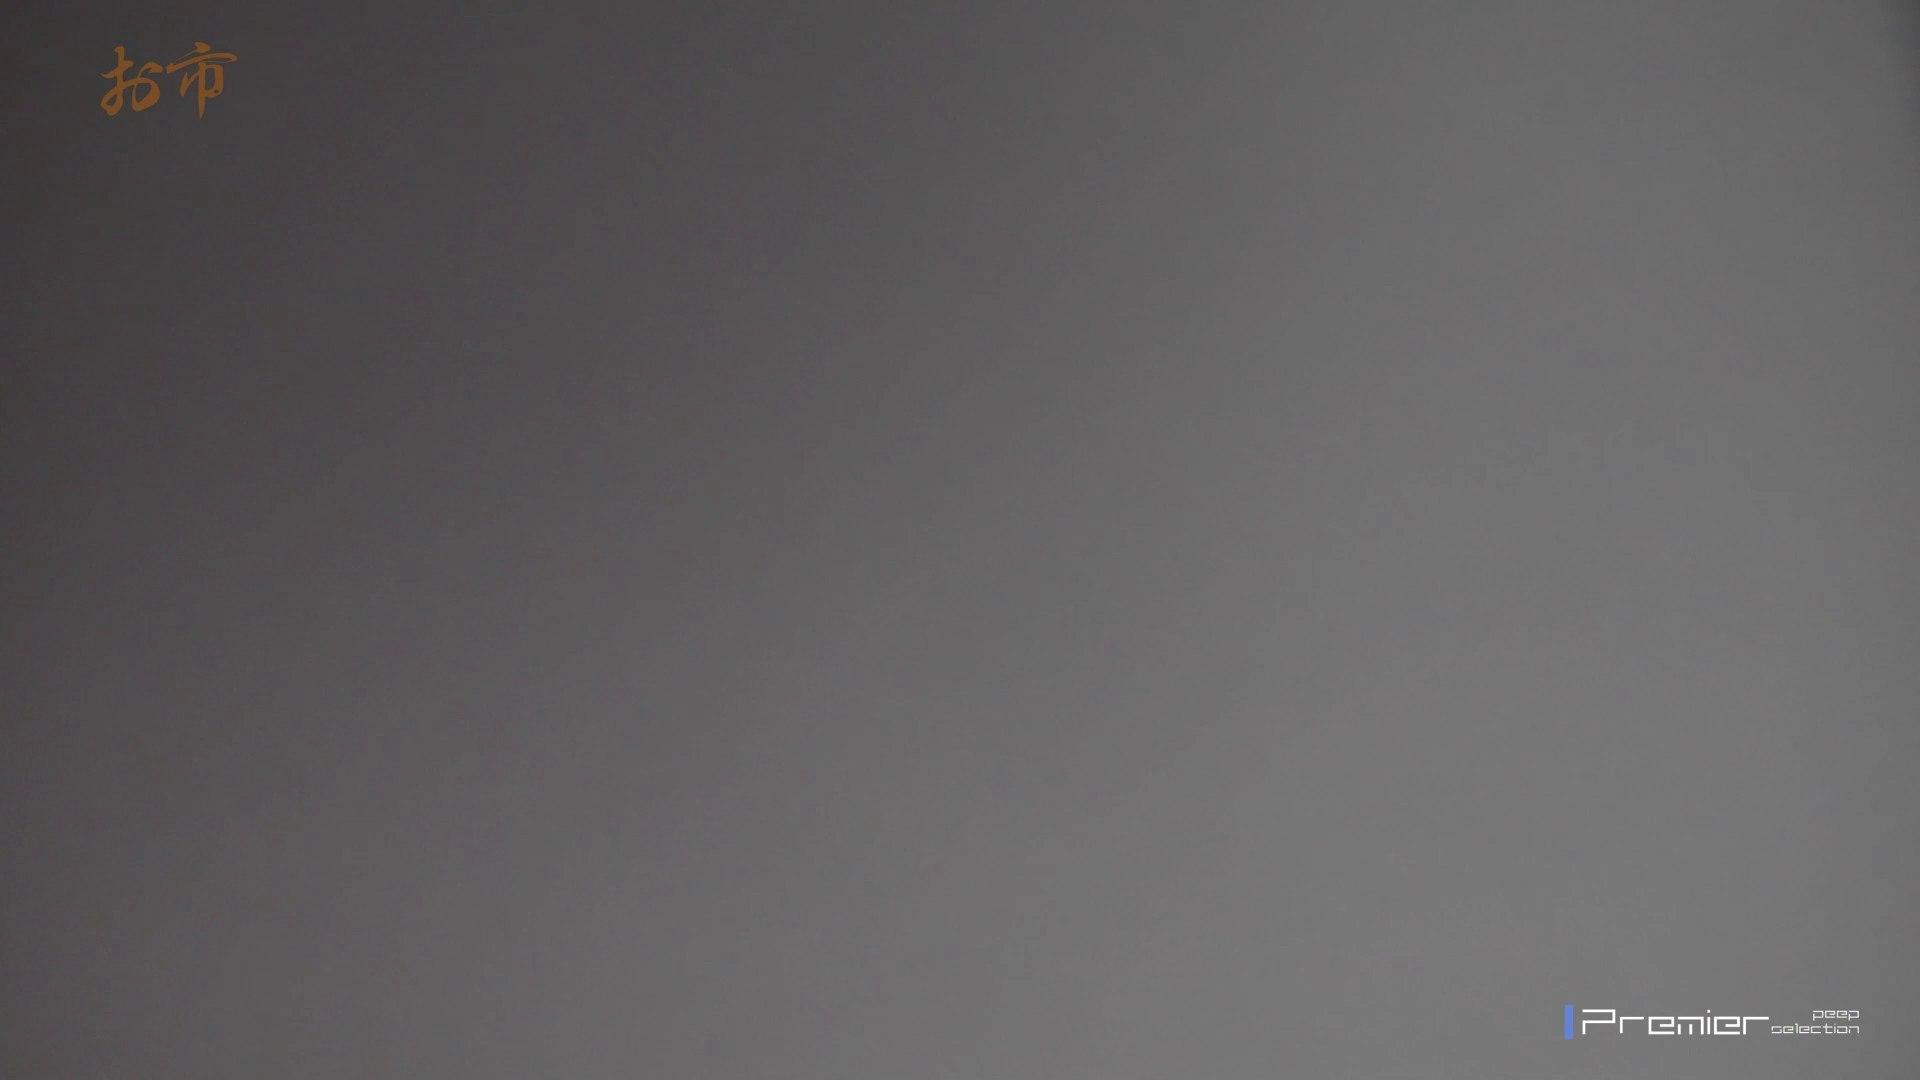 潜入!!台湾名門女学院 Vol.14 ラストコンテンツ!! OL | 潜入エロ調査  93連発 6